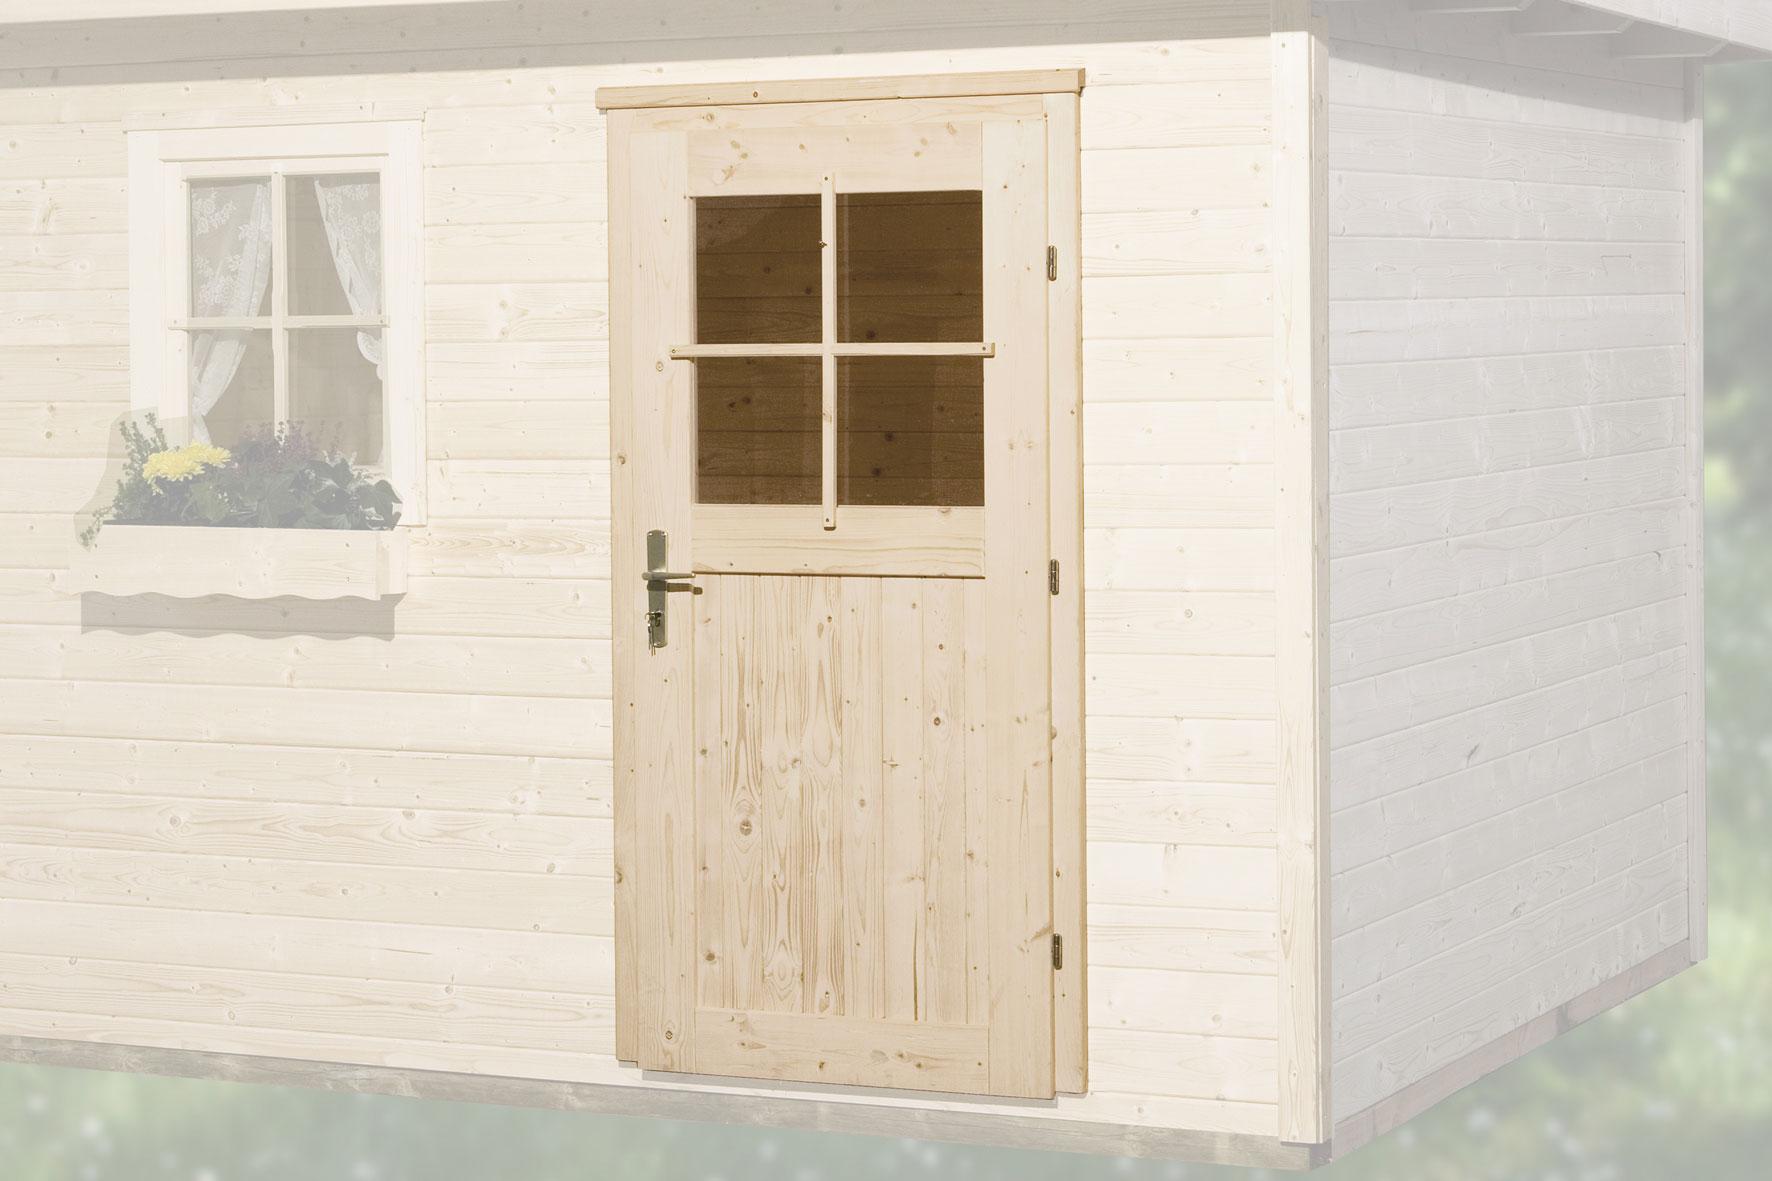 Gartenhaustür Weka für Wandstärke 21 - 28 mm 182x97cm Bild 1